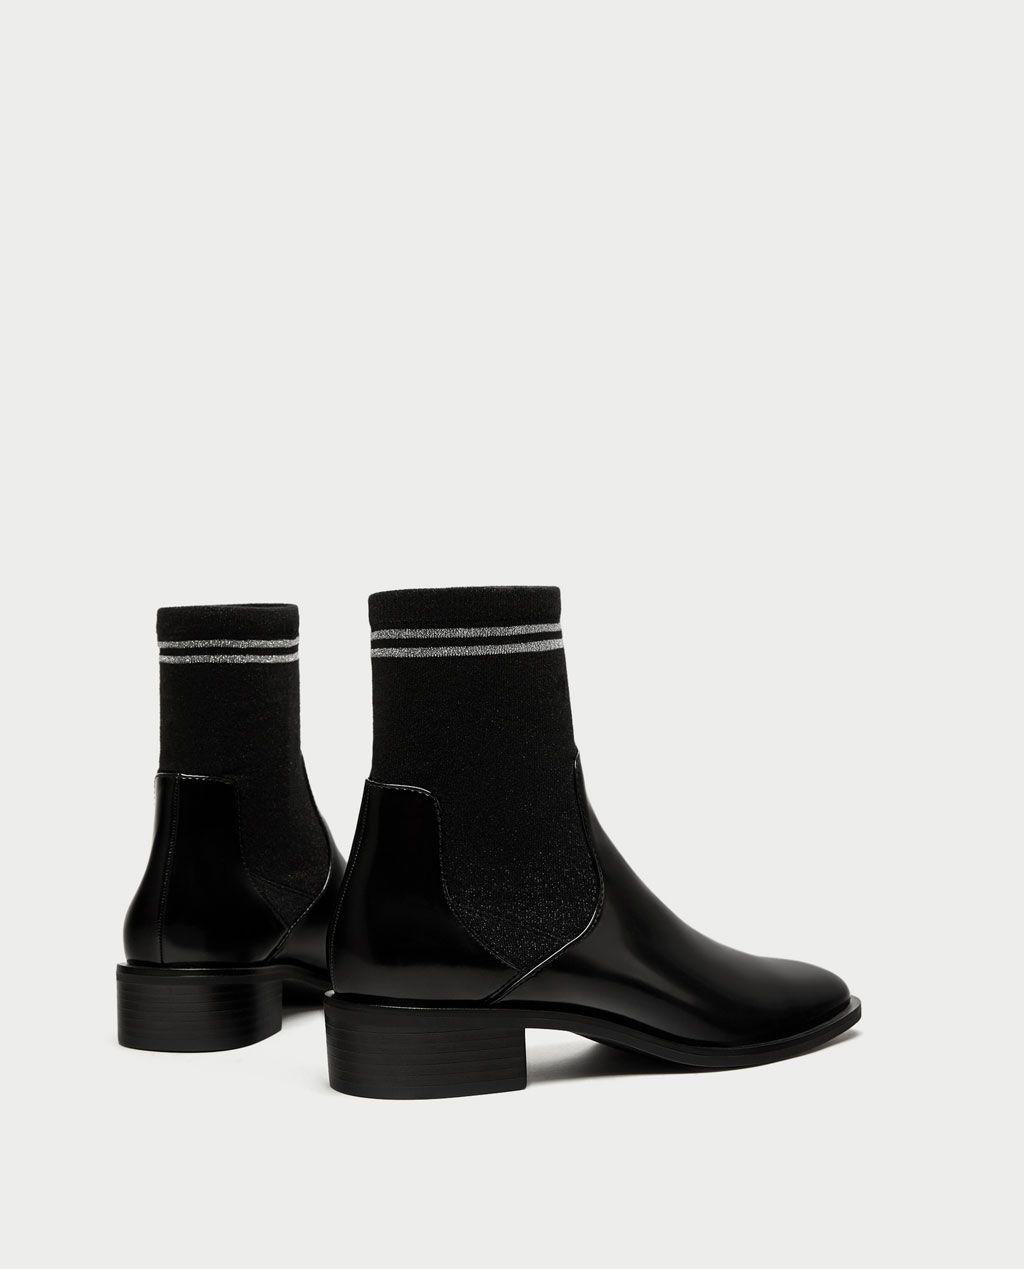 la meilleure attitude 2f115 187c3 Image 3 de BOTTINES PLATES TYPE CHAUSSETTES de Zara   shoes ...